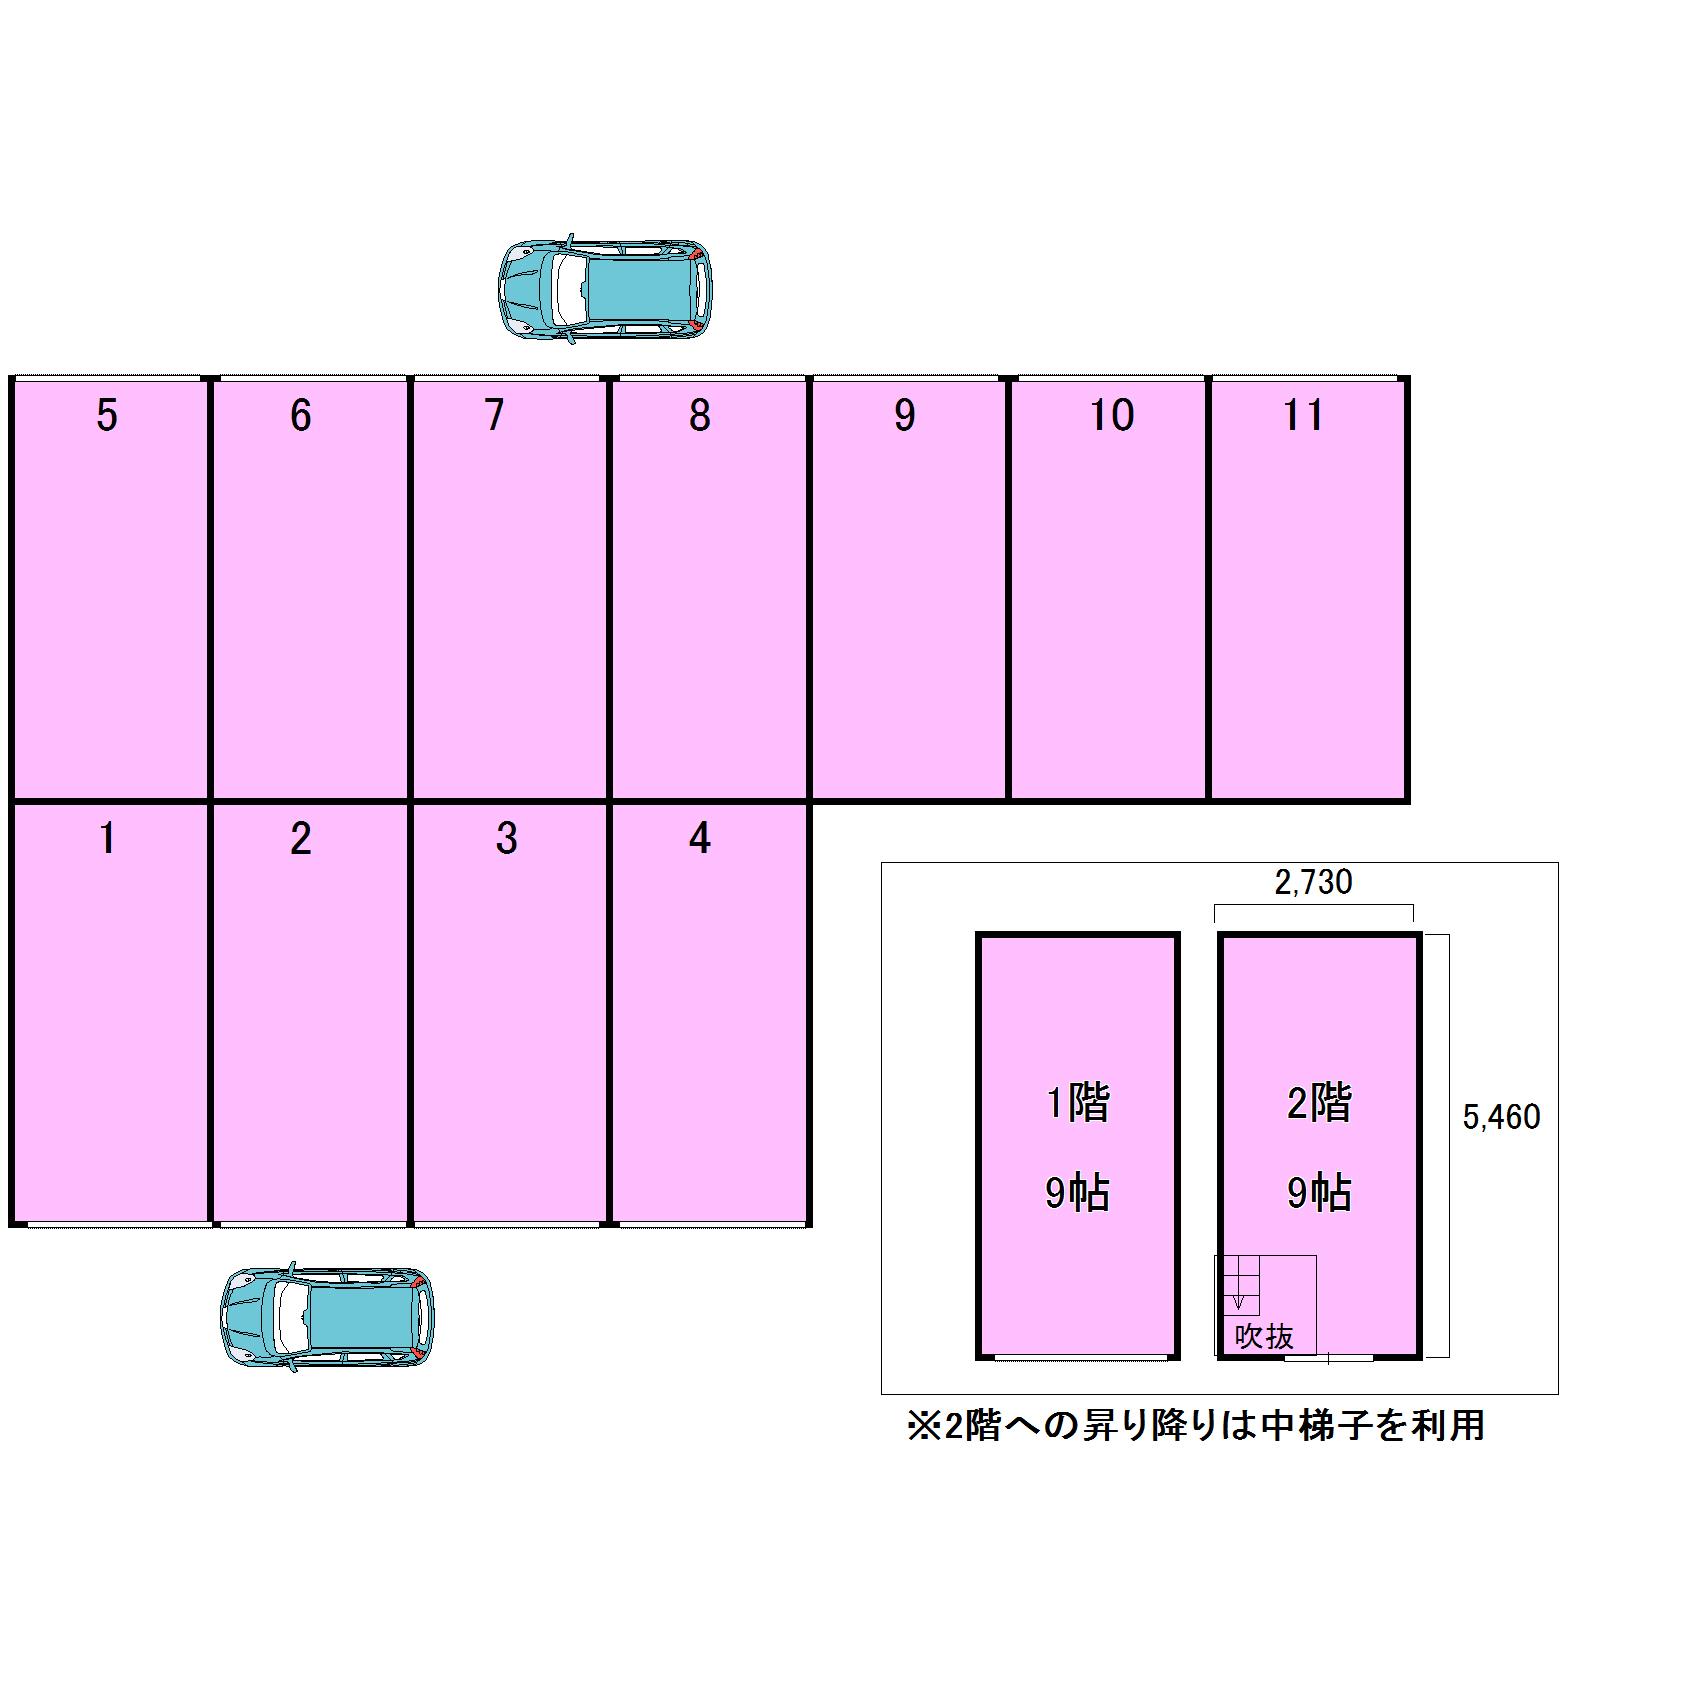 エヌピートランク元町Ⅱ(レイアウト図)